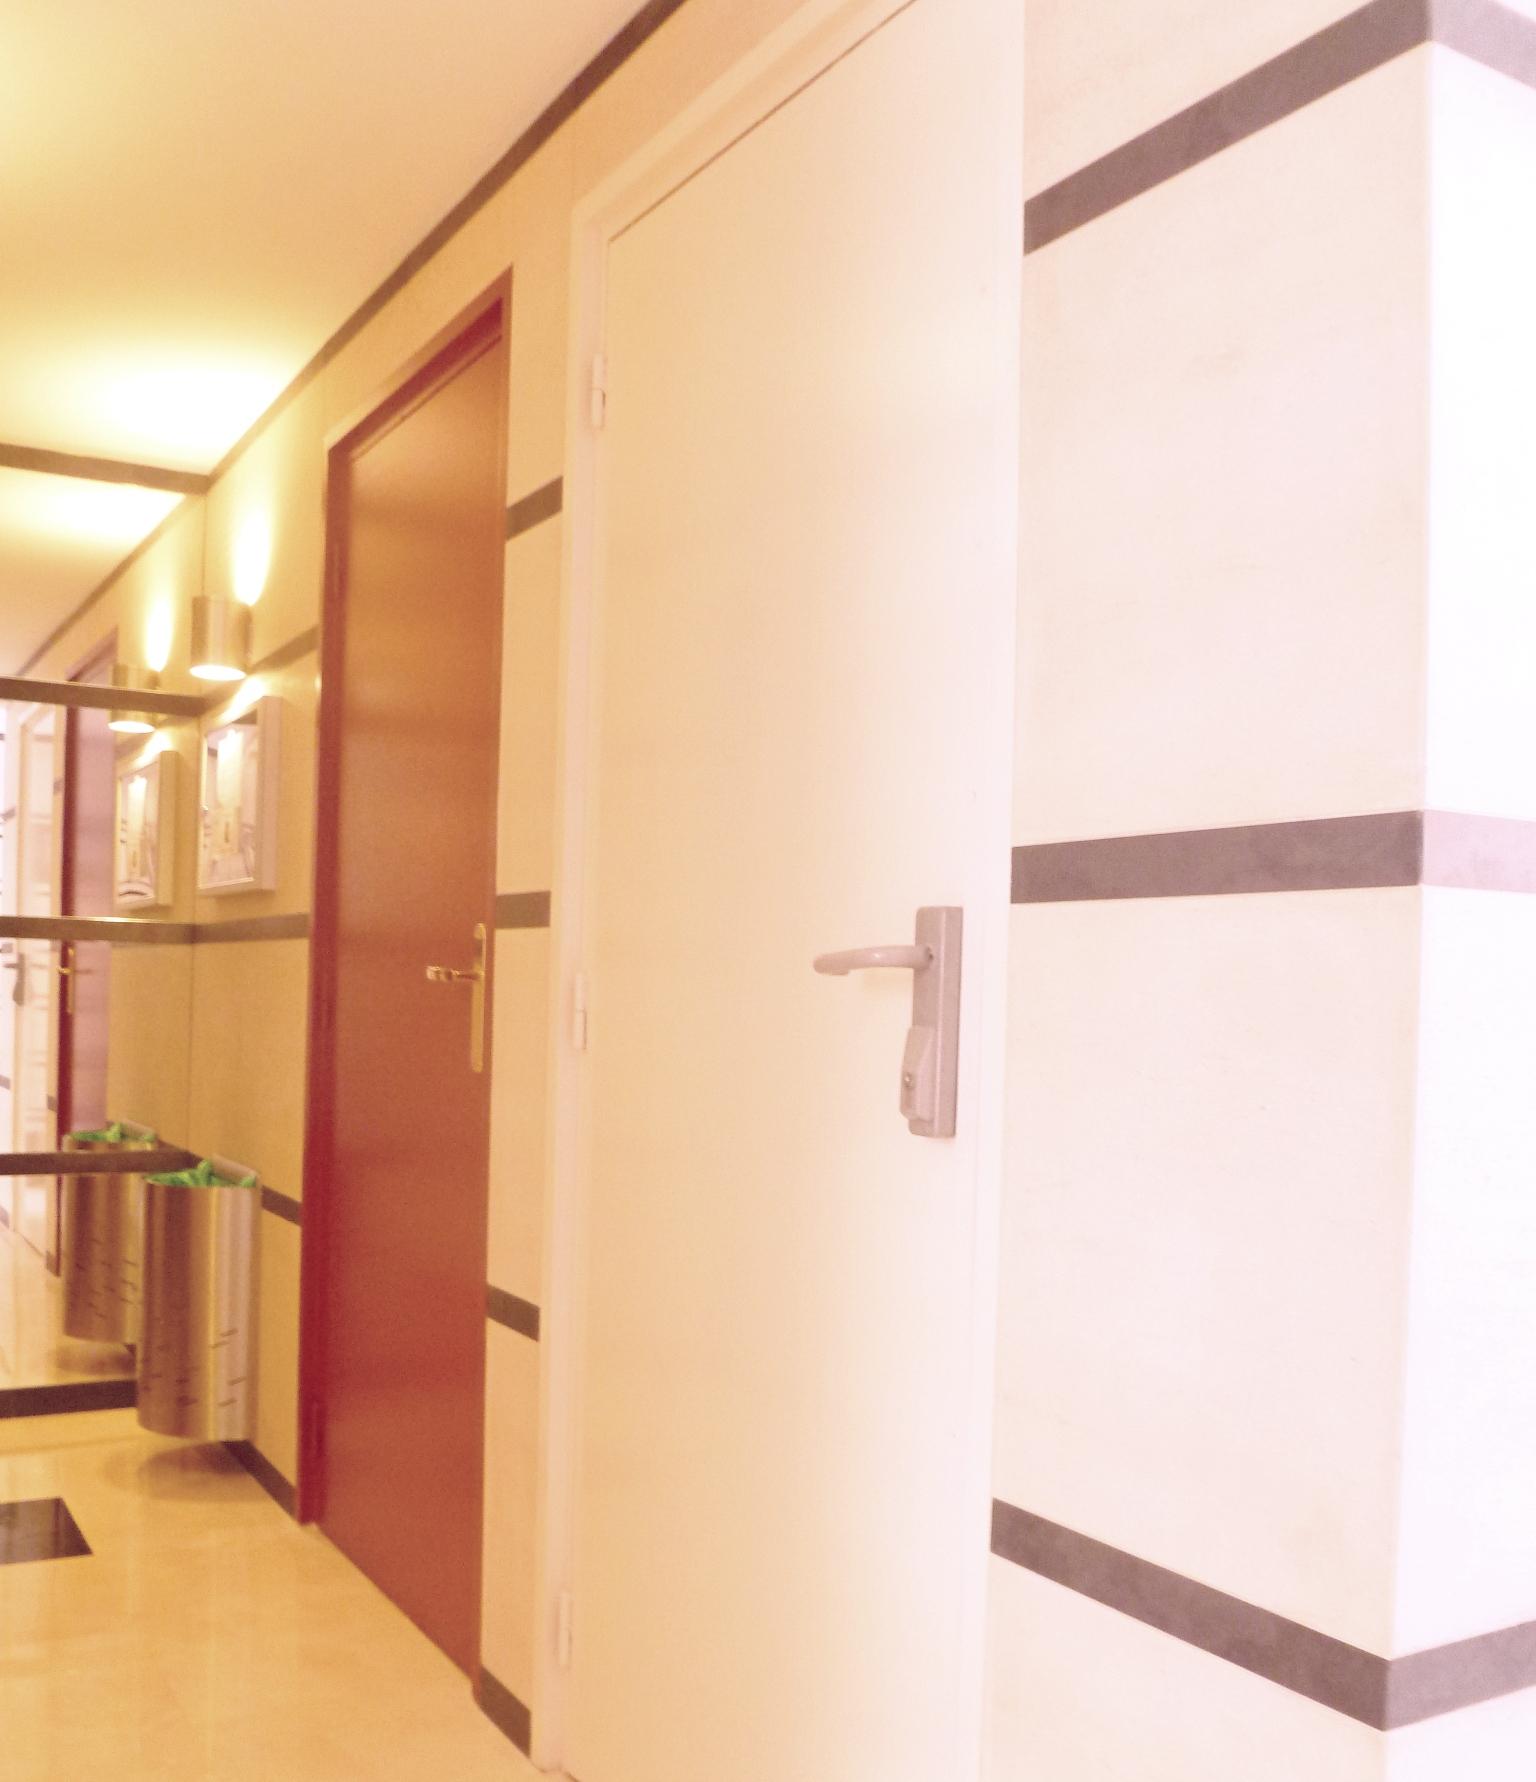 Travaux de peinture et rev tement mural hall d 39 entr e - Hall d entree peinture ...